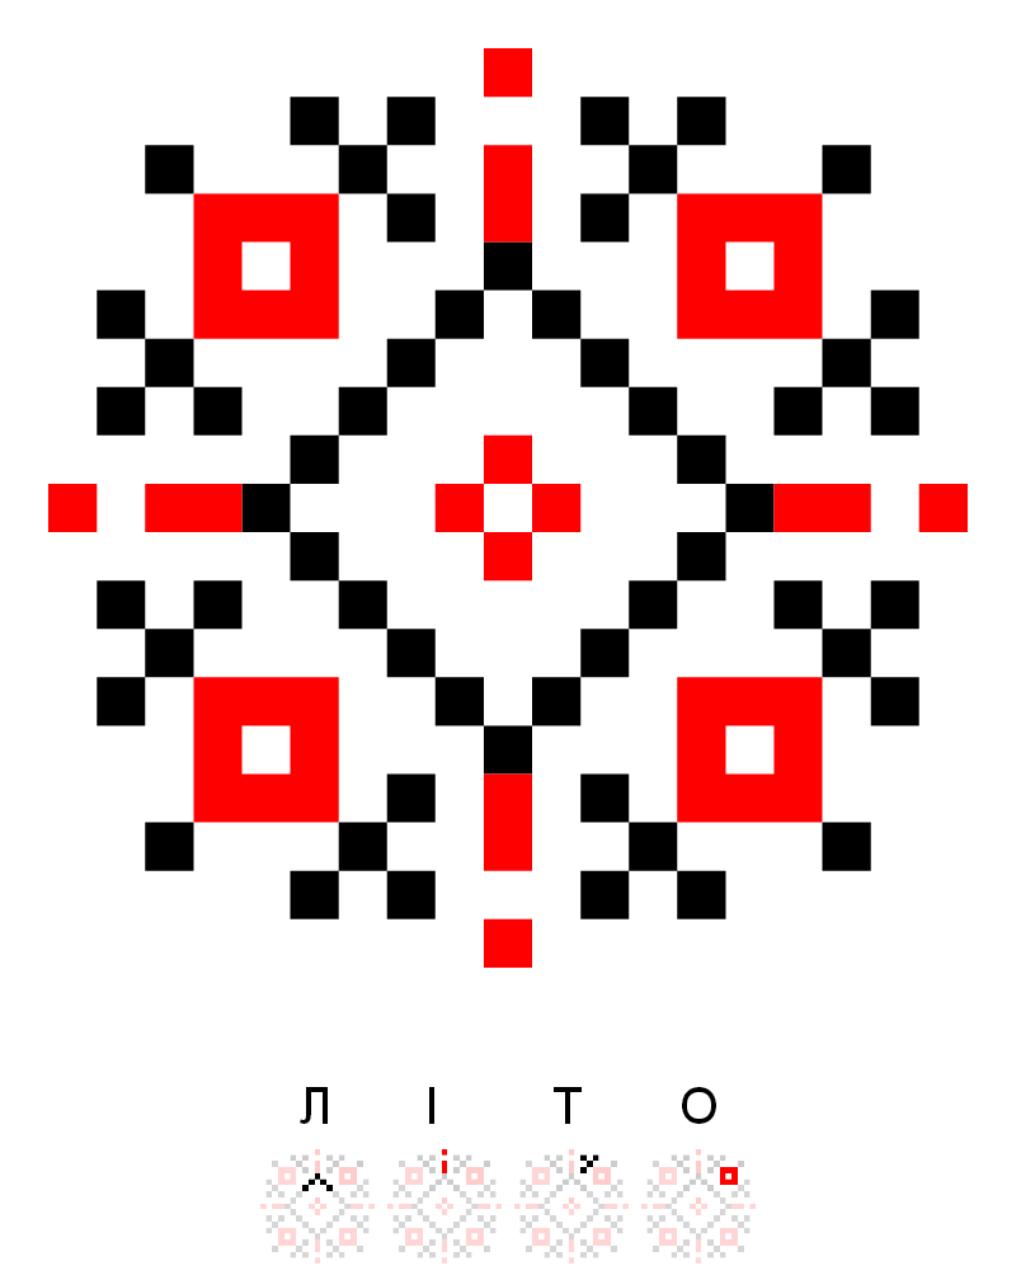 Текстовий слов'янський орнамент: Літо